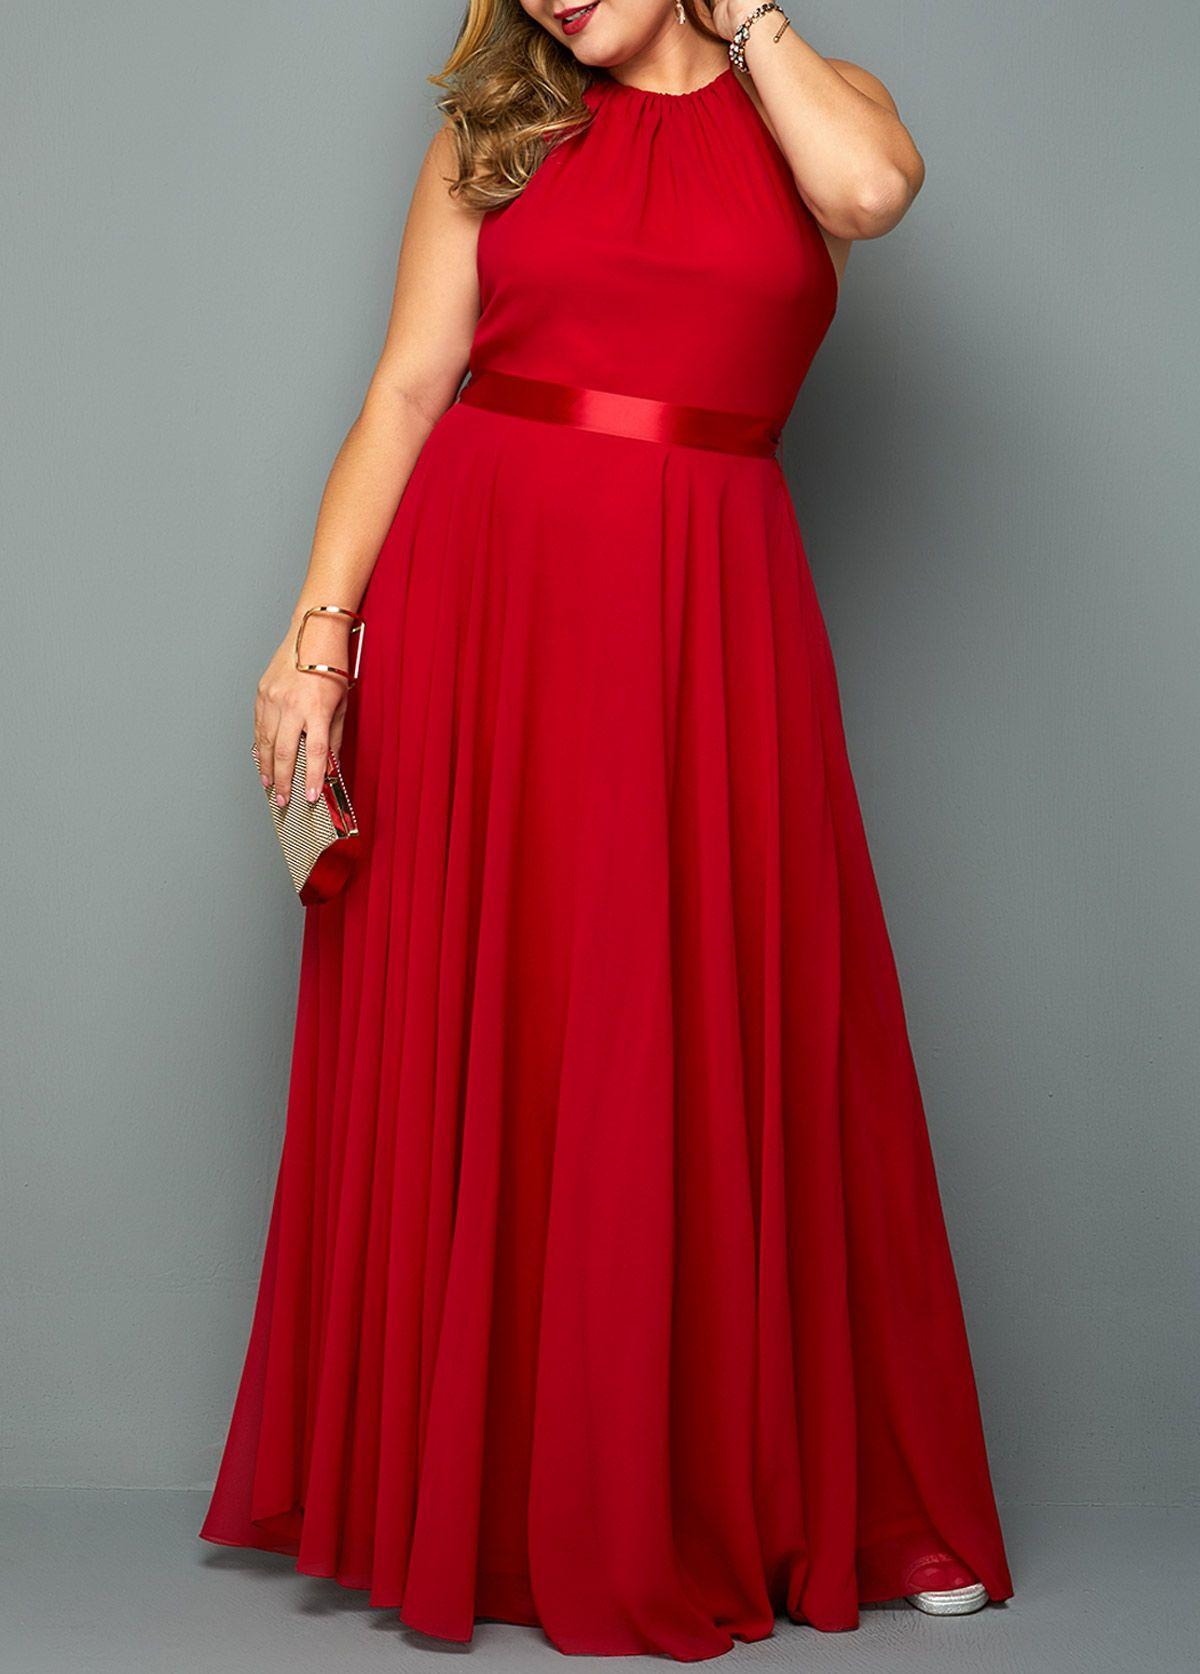 Plus Size Sleeveless Red Maxi Dress Kimonos And Dresses Unusual Dresses Wessing Dresses Dresses Dressesforsale In 2021 Red Dress Maxi Dresses Dress Stores Online [ 1674 x 1200 Pixel ]